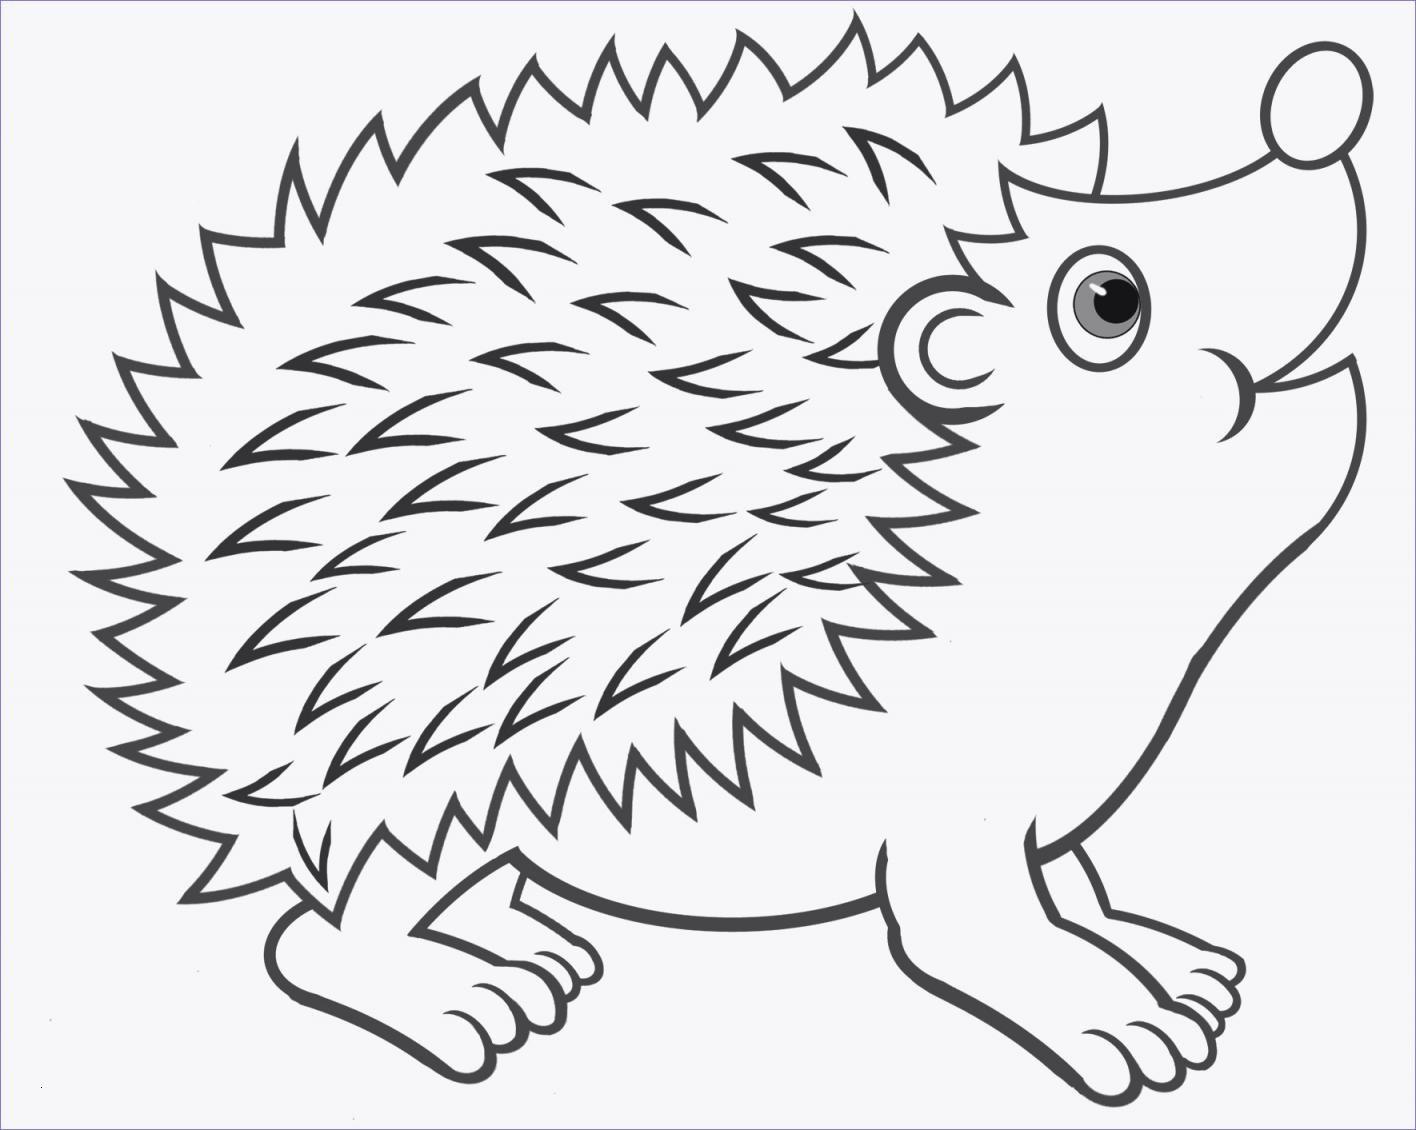 Ausmalbilder Fantasie Tiere Frisch Wow Ausmalbilder Frisch Malvorlagen Igel Frisch Igel Grundschule 0d Bild